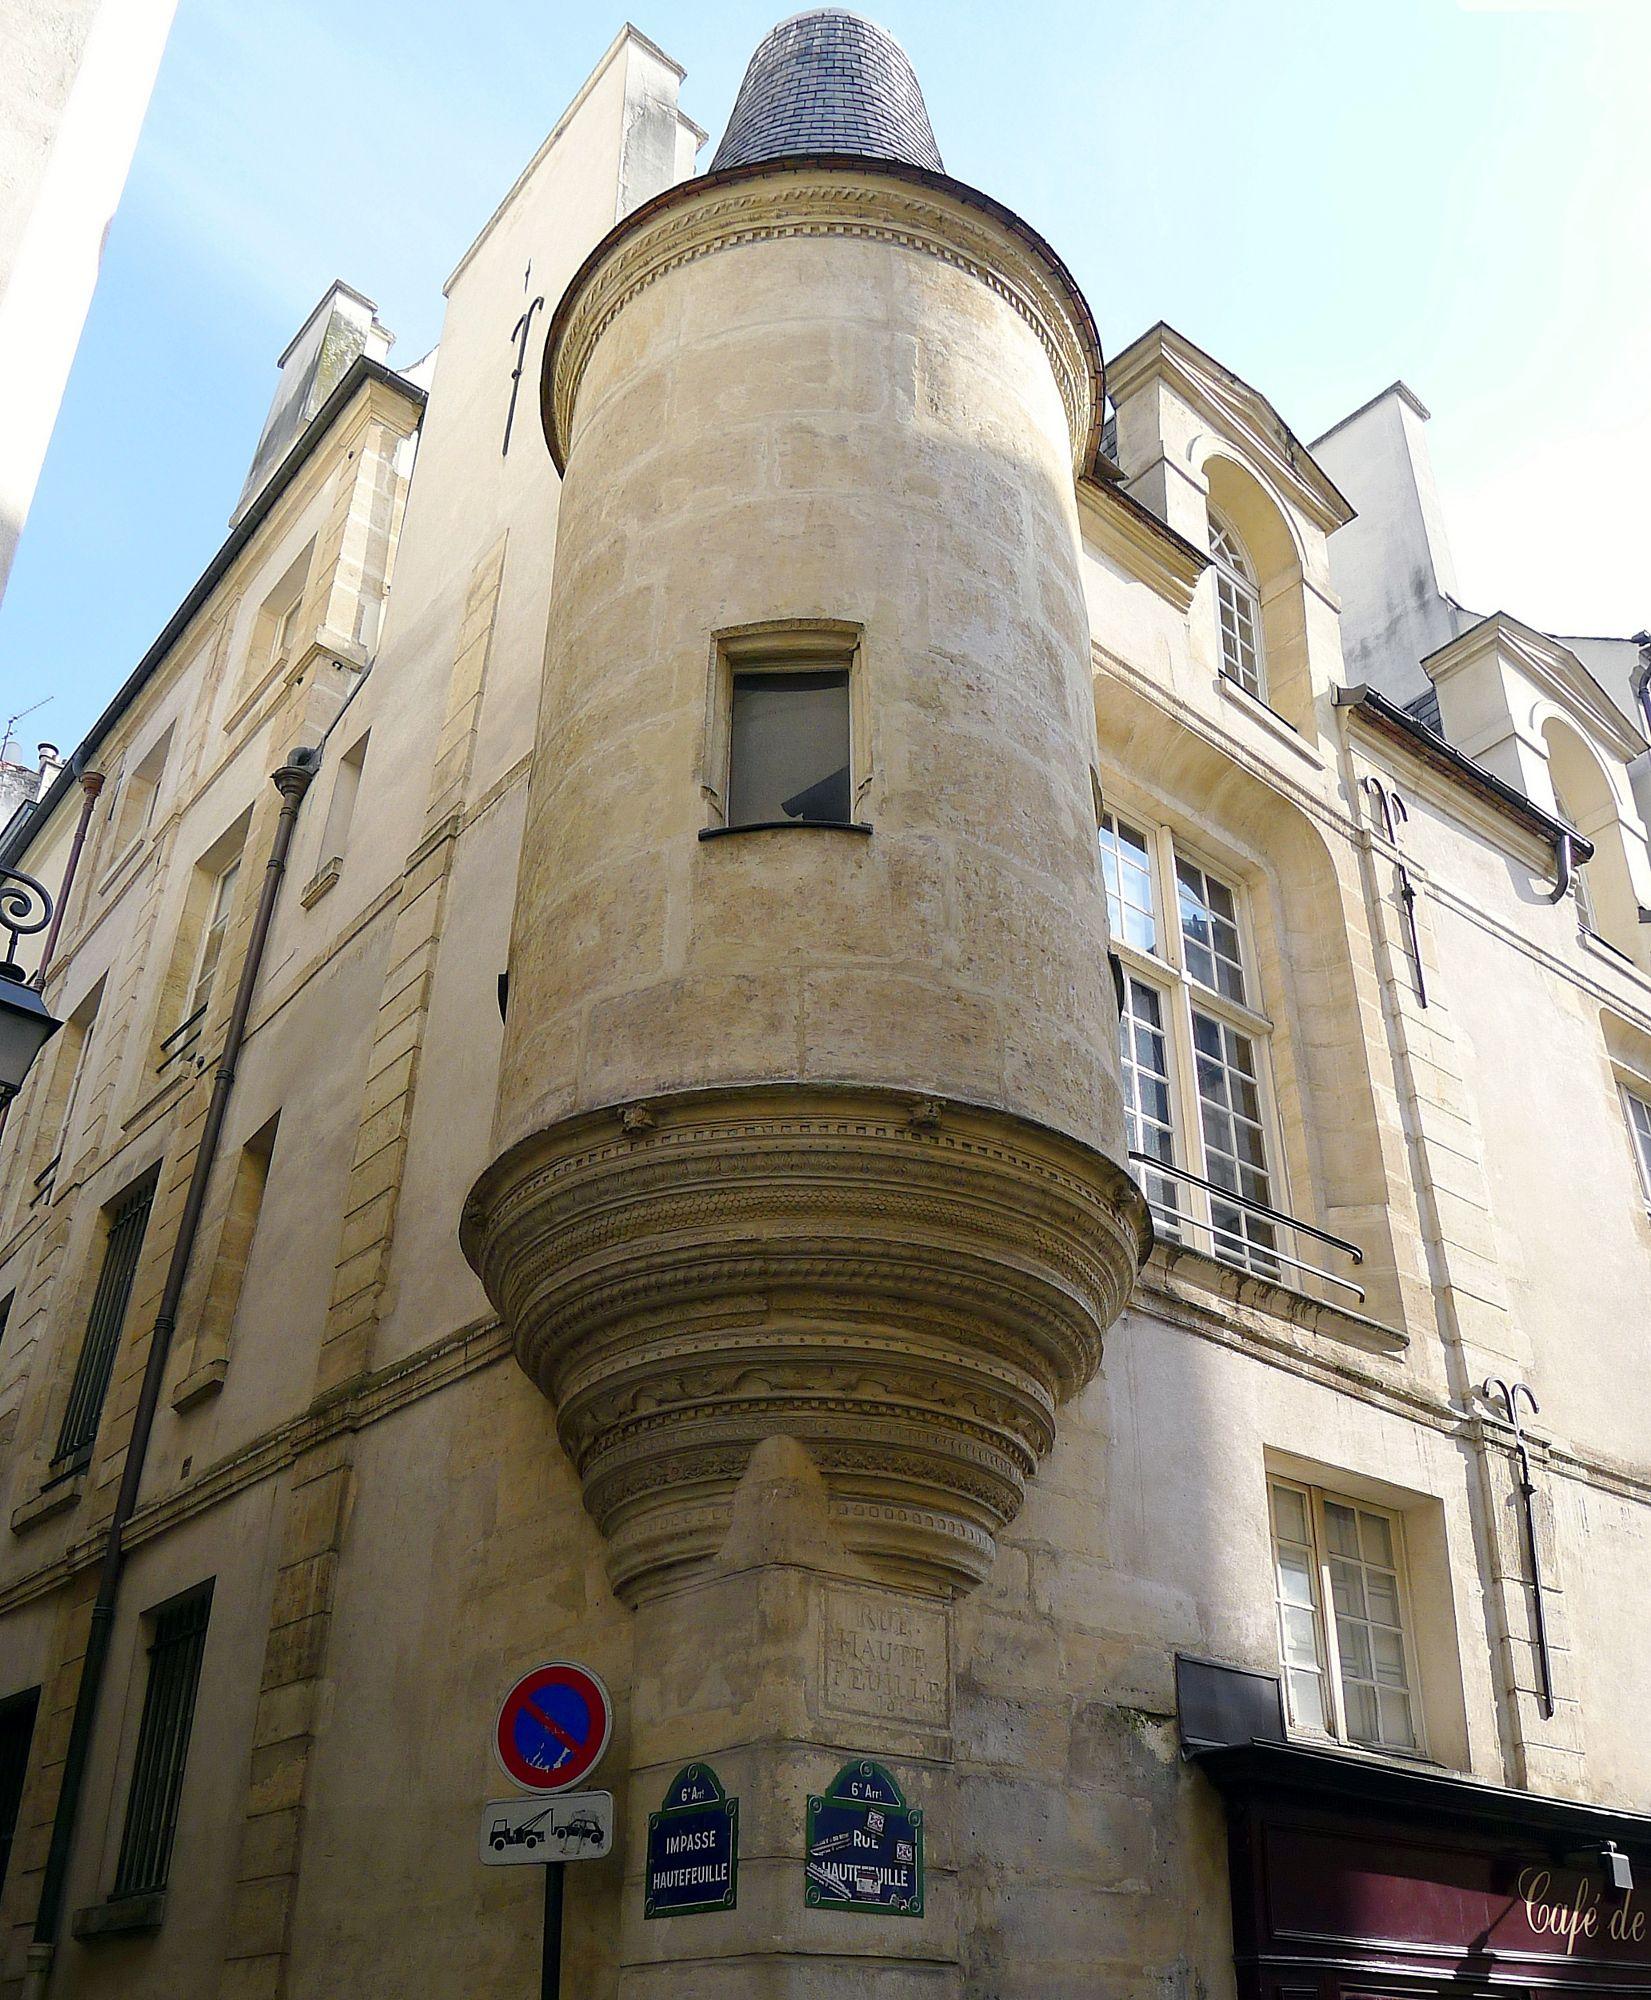 Hotel de Fecamp, rue Hautefeuille, 6e